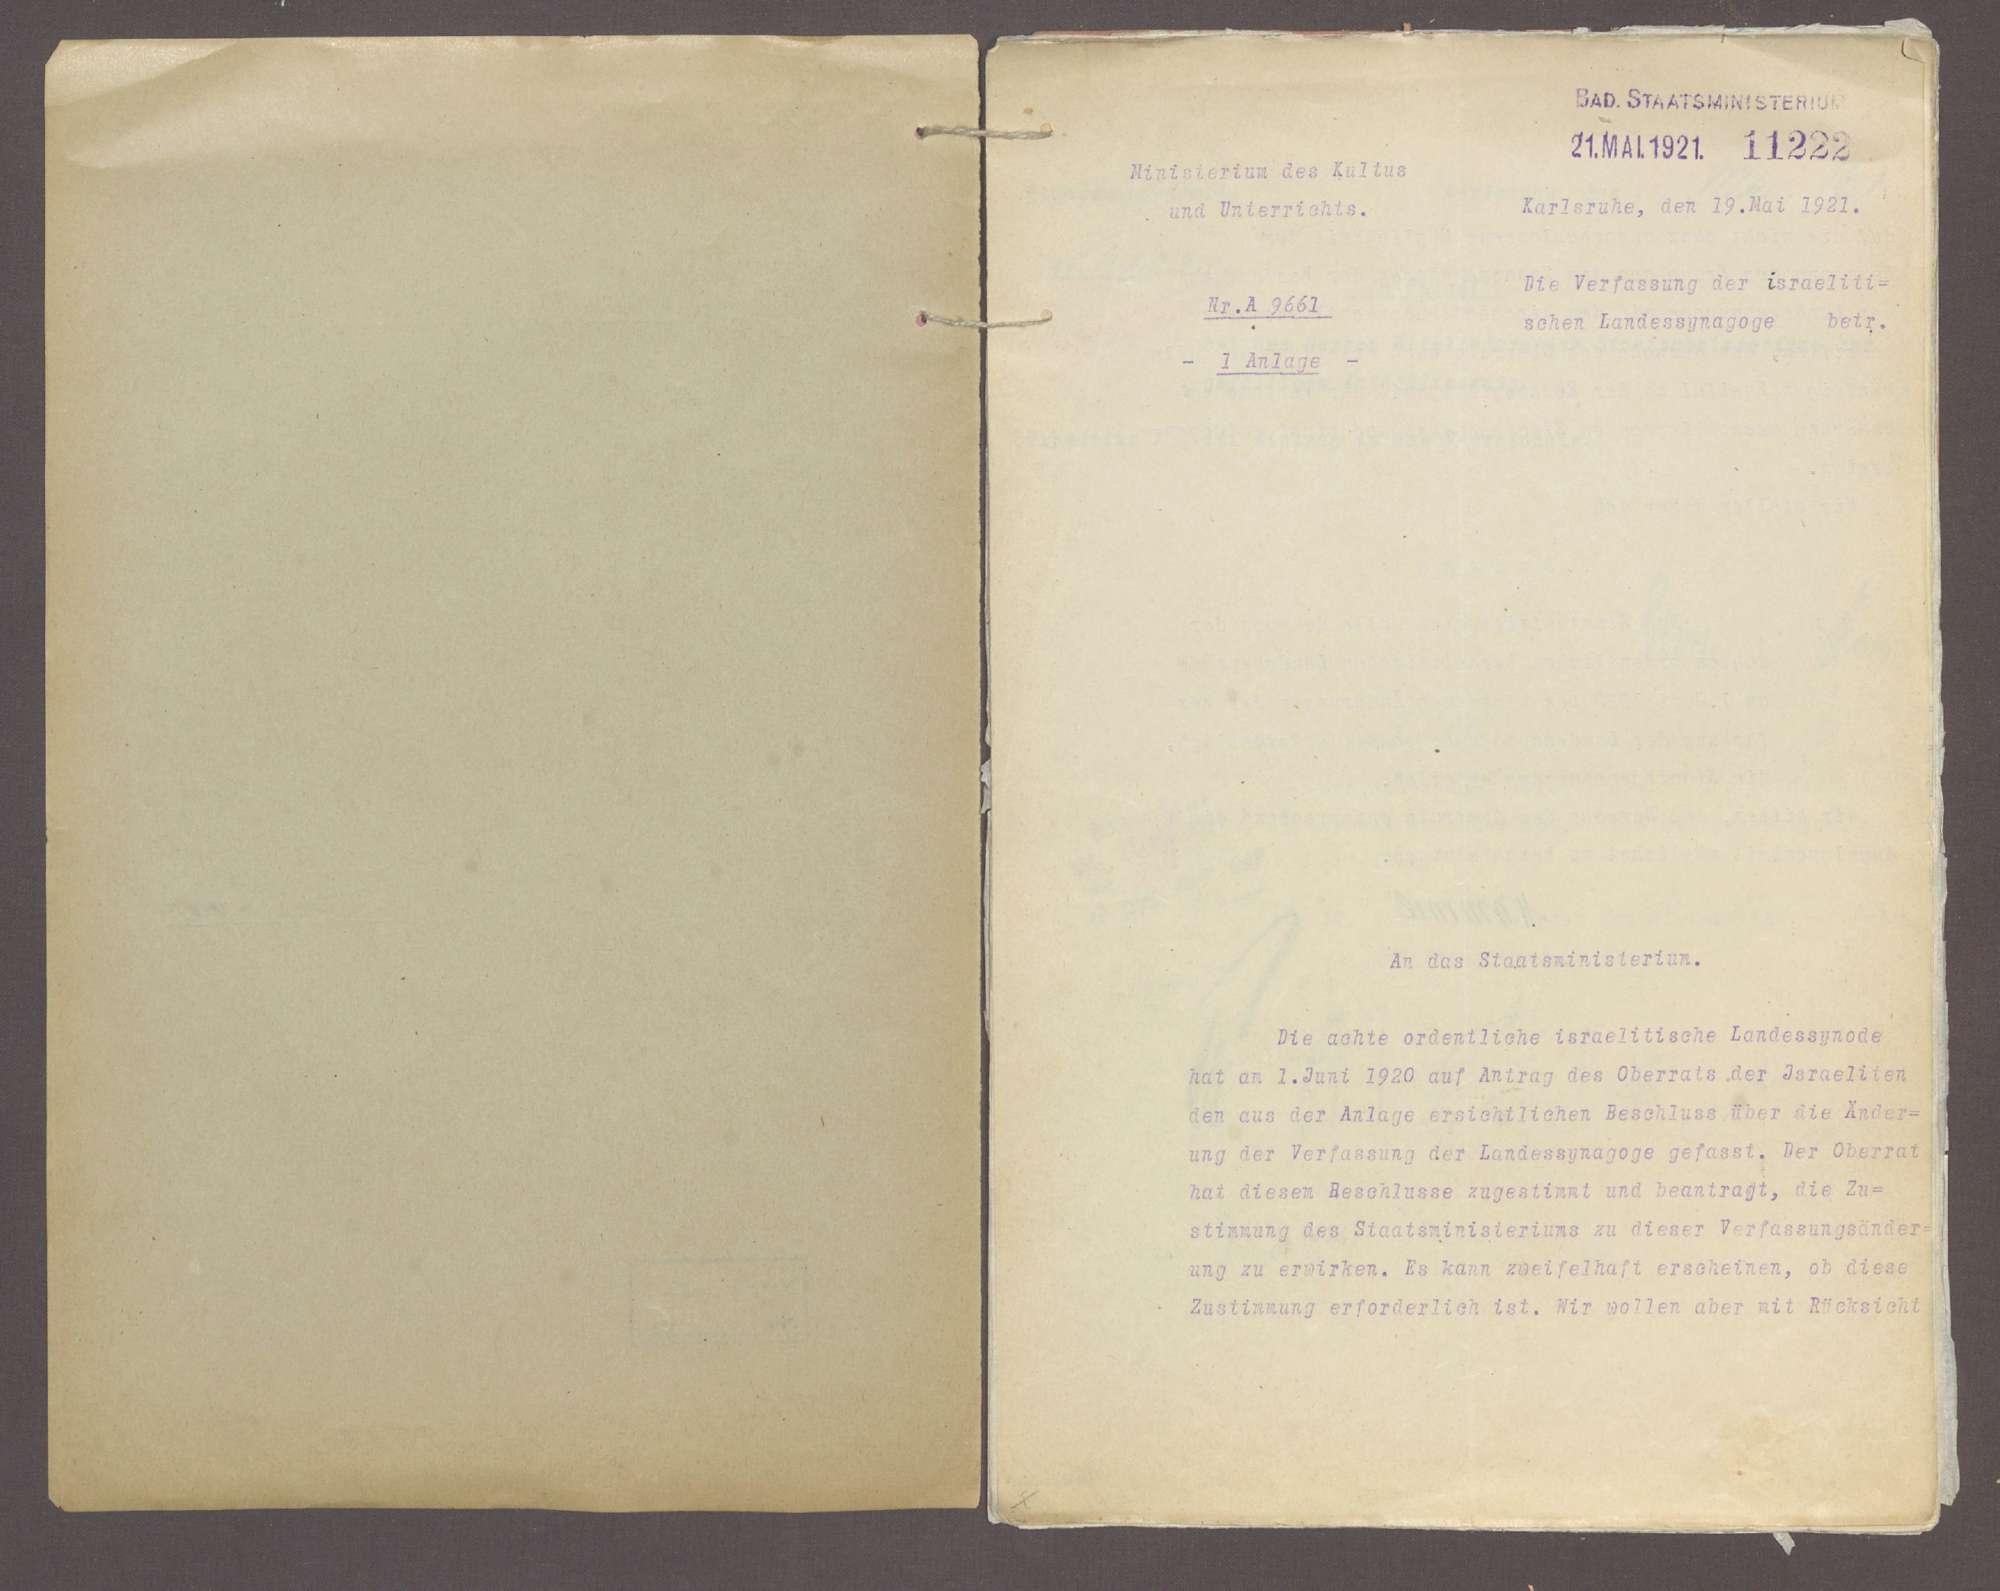 Verfassung der israelitischen Landessynagoge, Bild 2